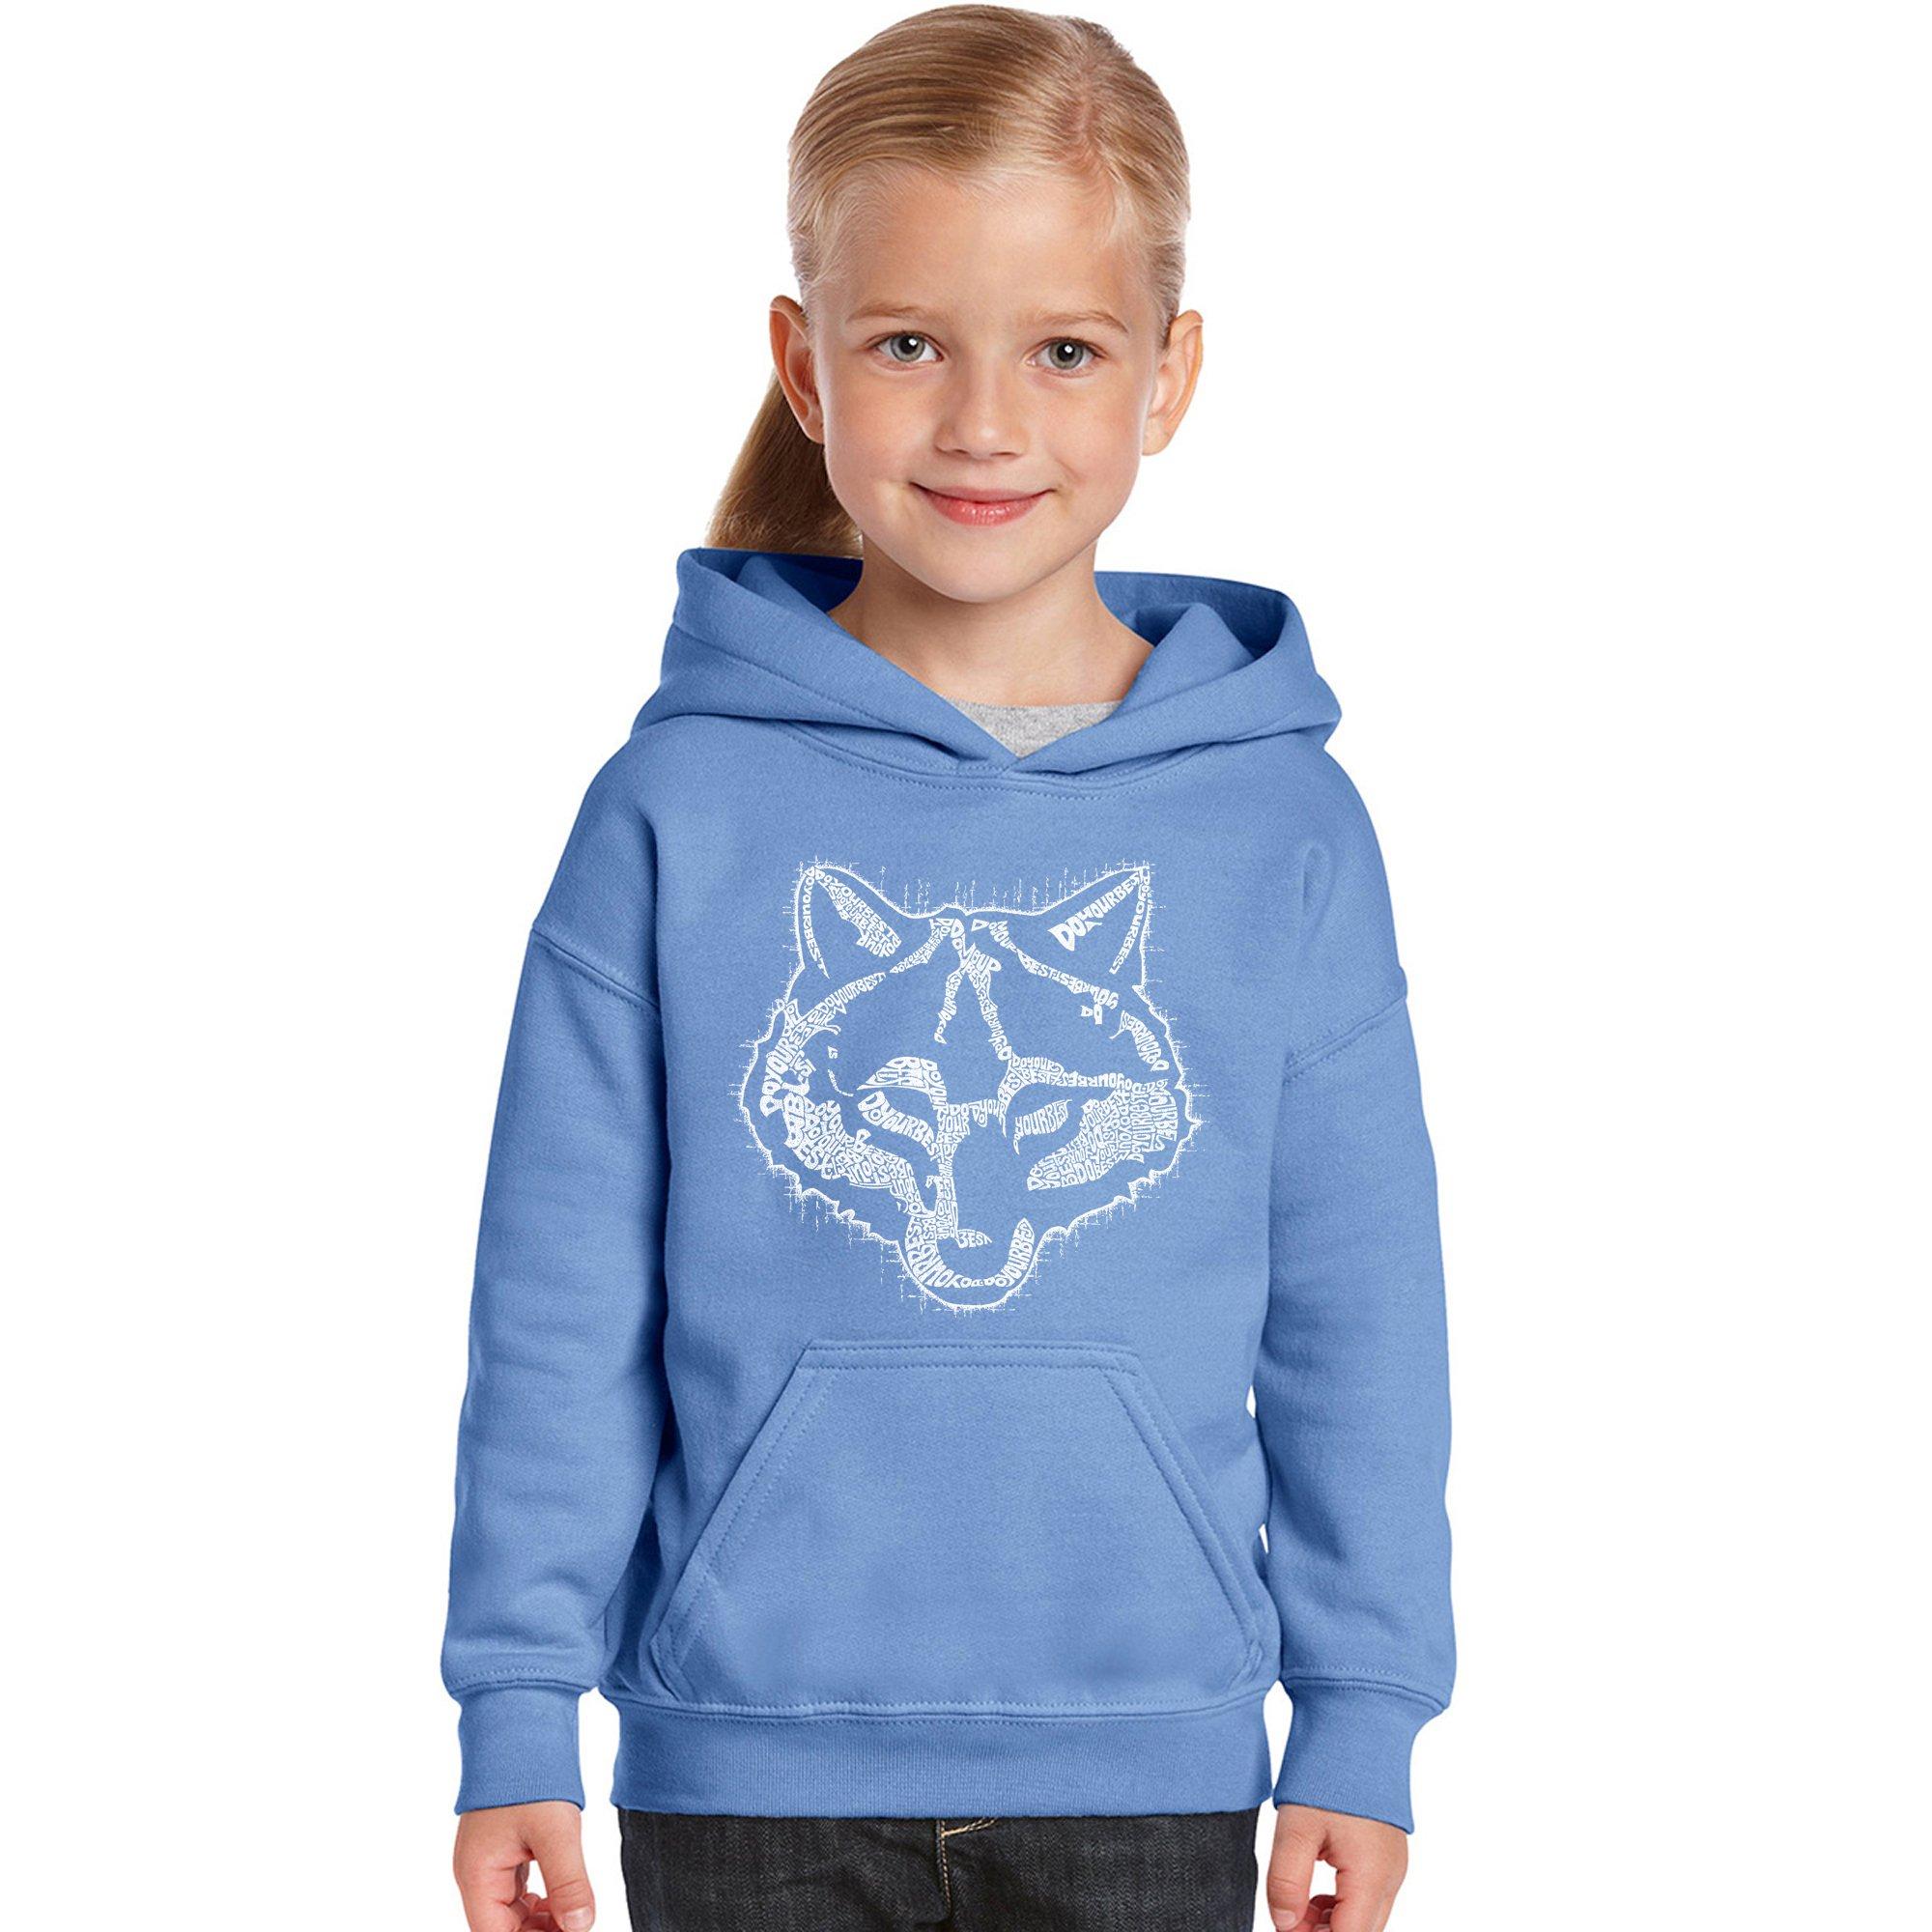 Girl's Word Art Hooded Sweatshirt - Cub Scout- LA Pop Art by Los Angeles Pop Art